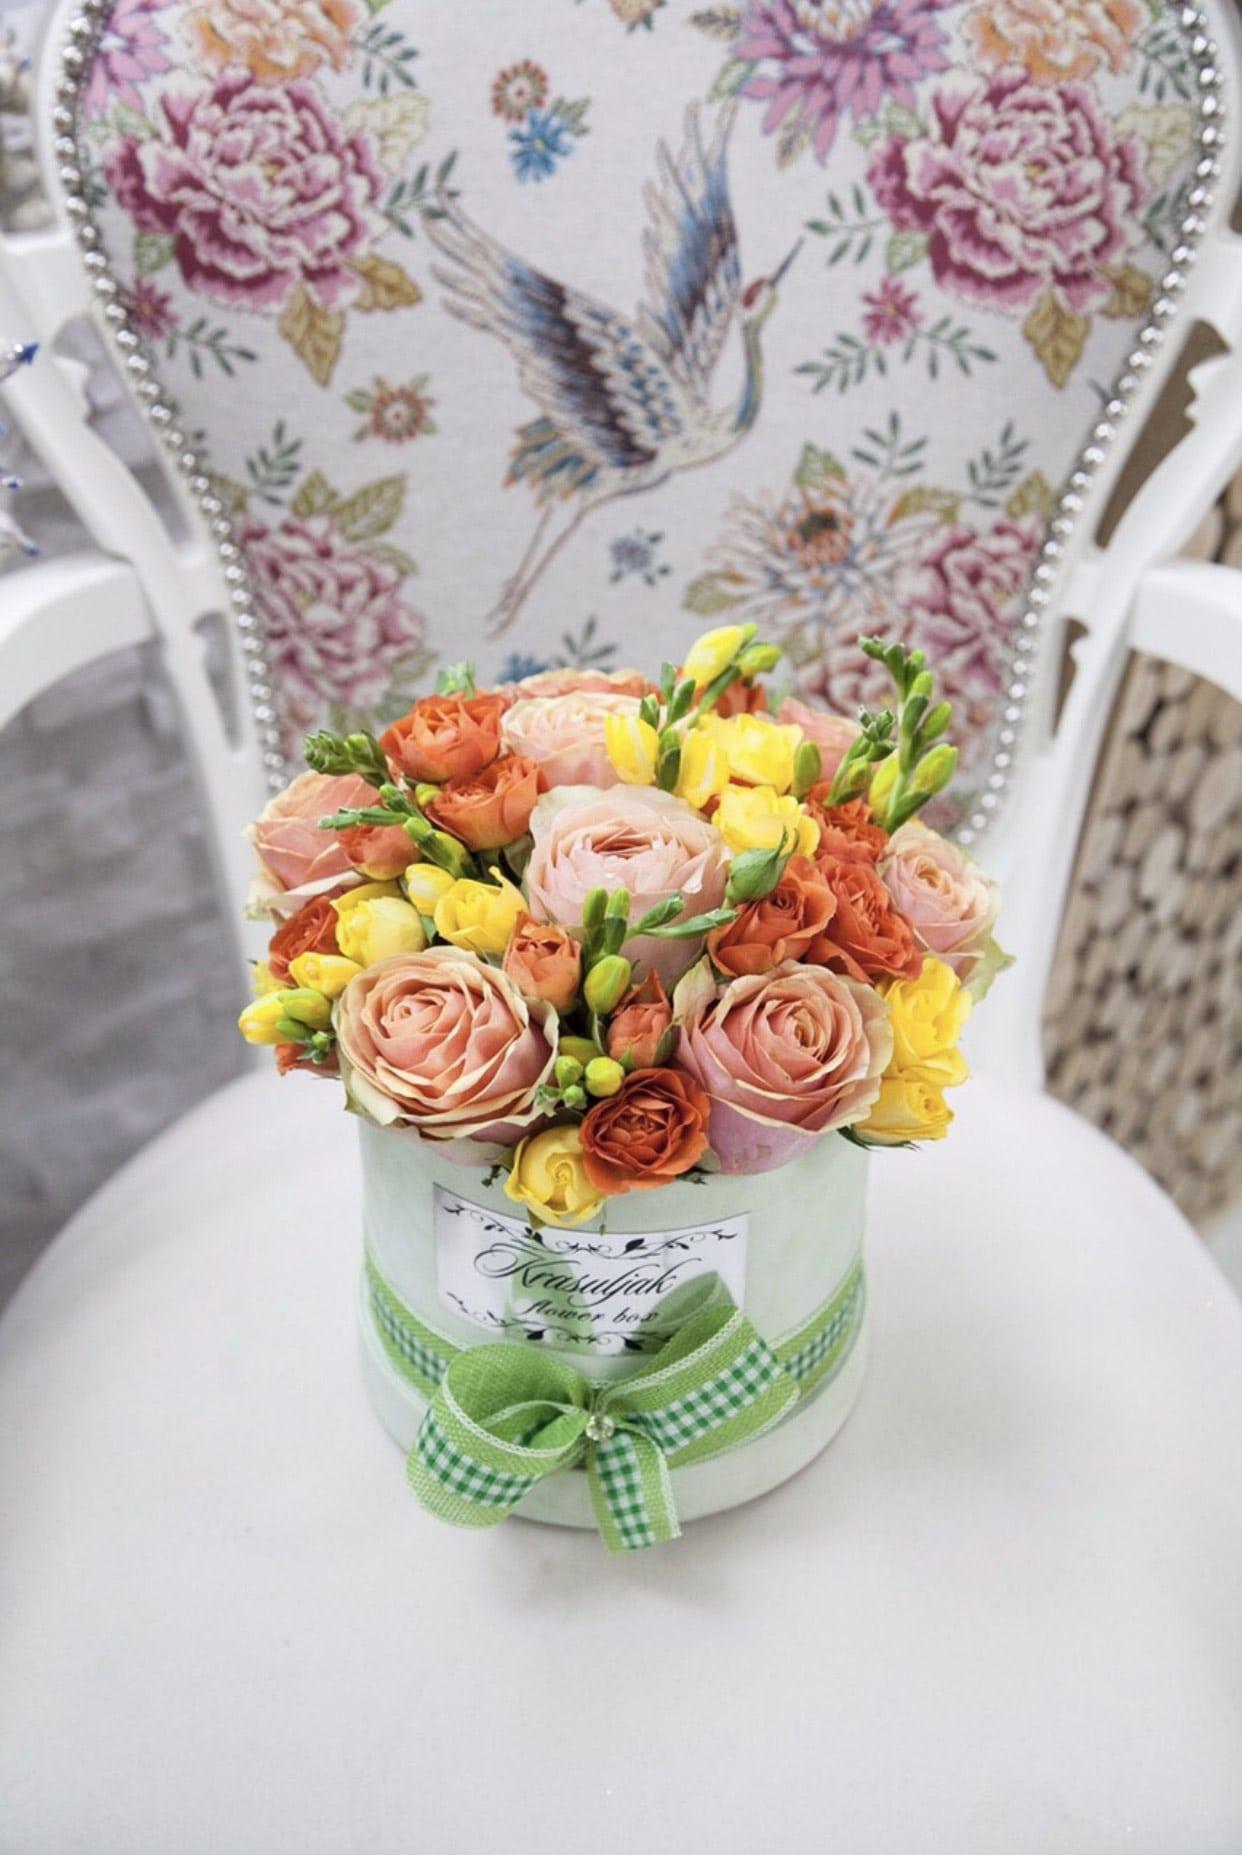 Cvece - Svetlo zelena kutija sa sarenim ruzama (zuta, narandzasta i svetlo roza boja)